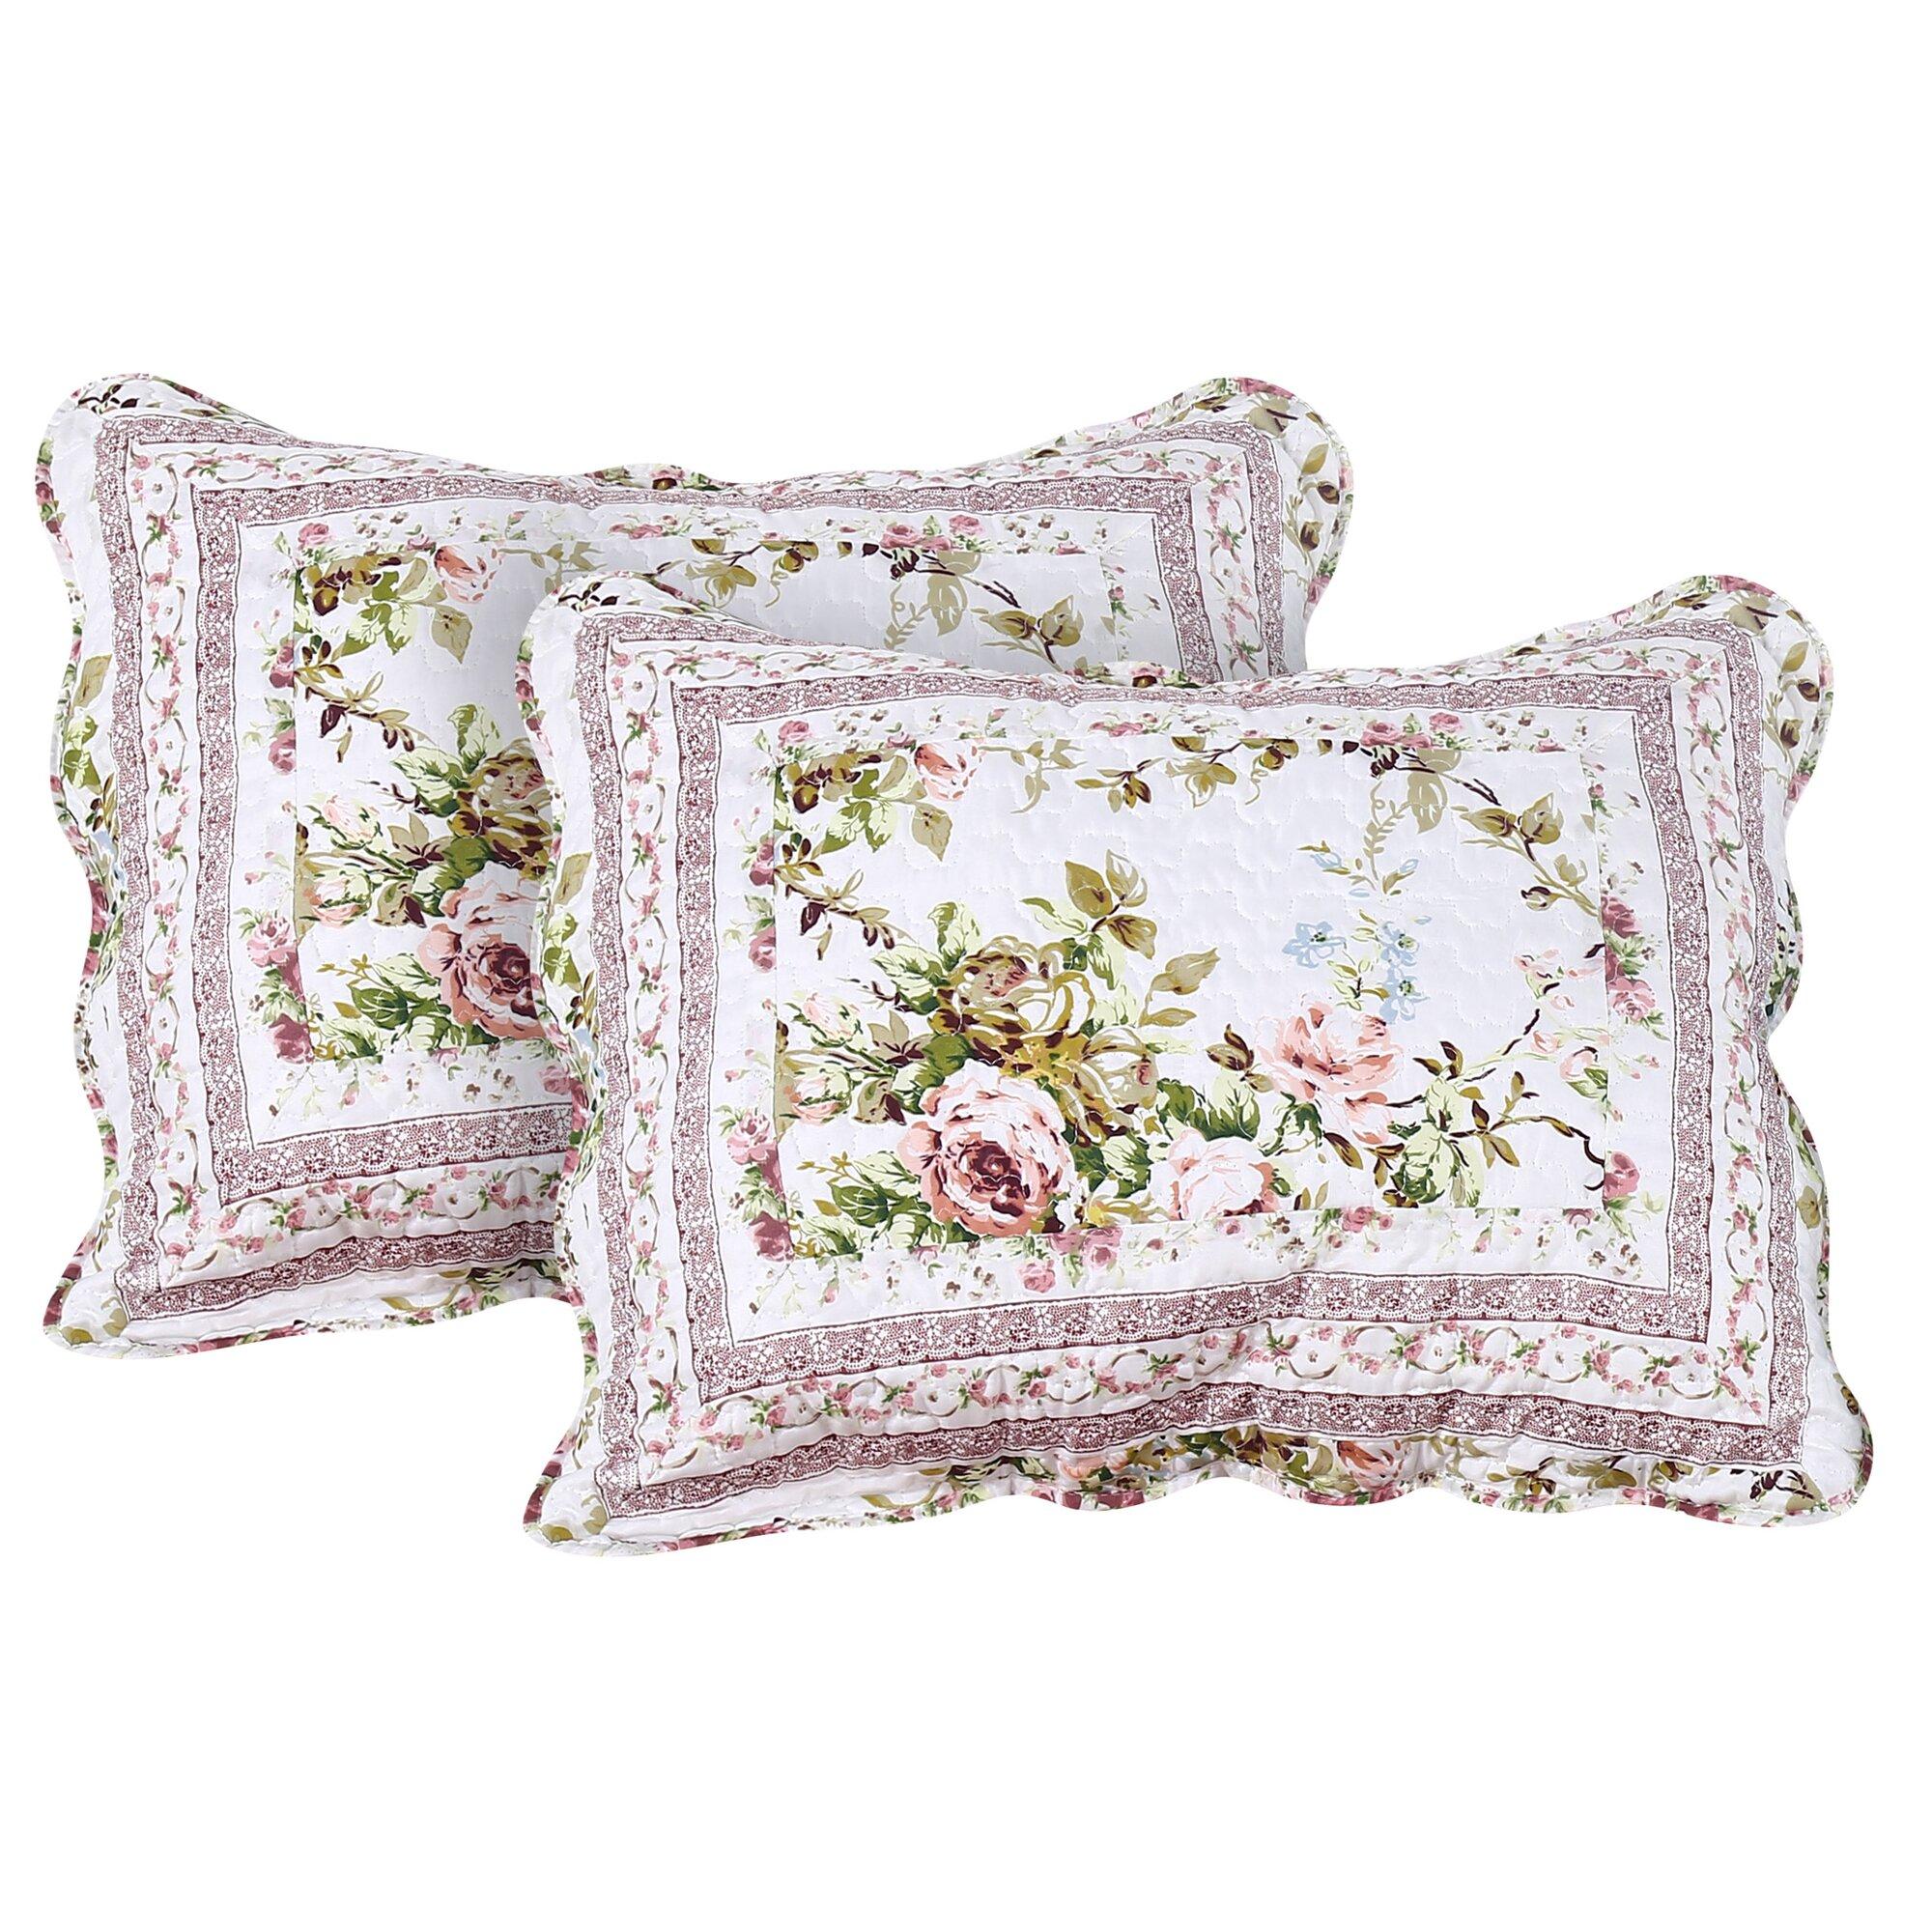 Home Sensation Vintage Chic Reversible Cotton 3 Piece - Primrose garden 3 piece quilt set